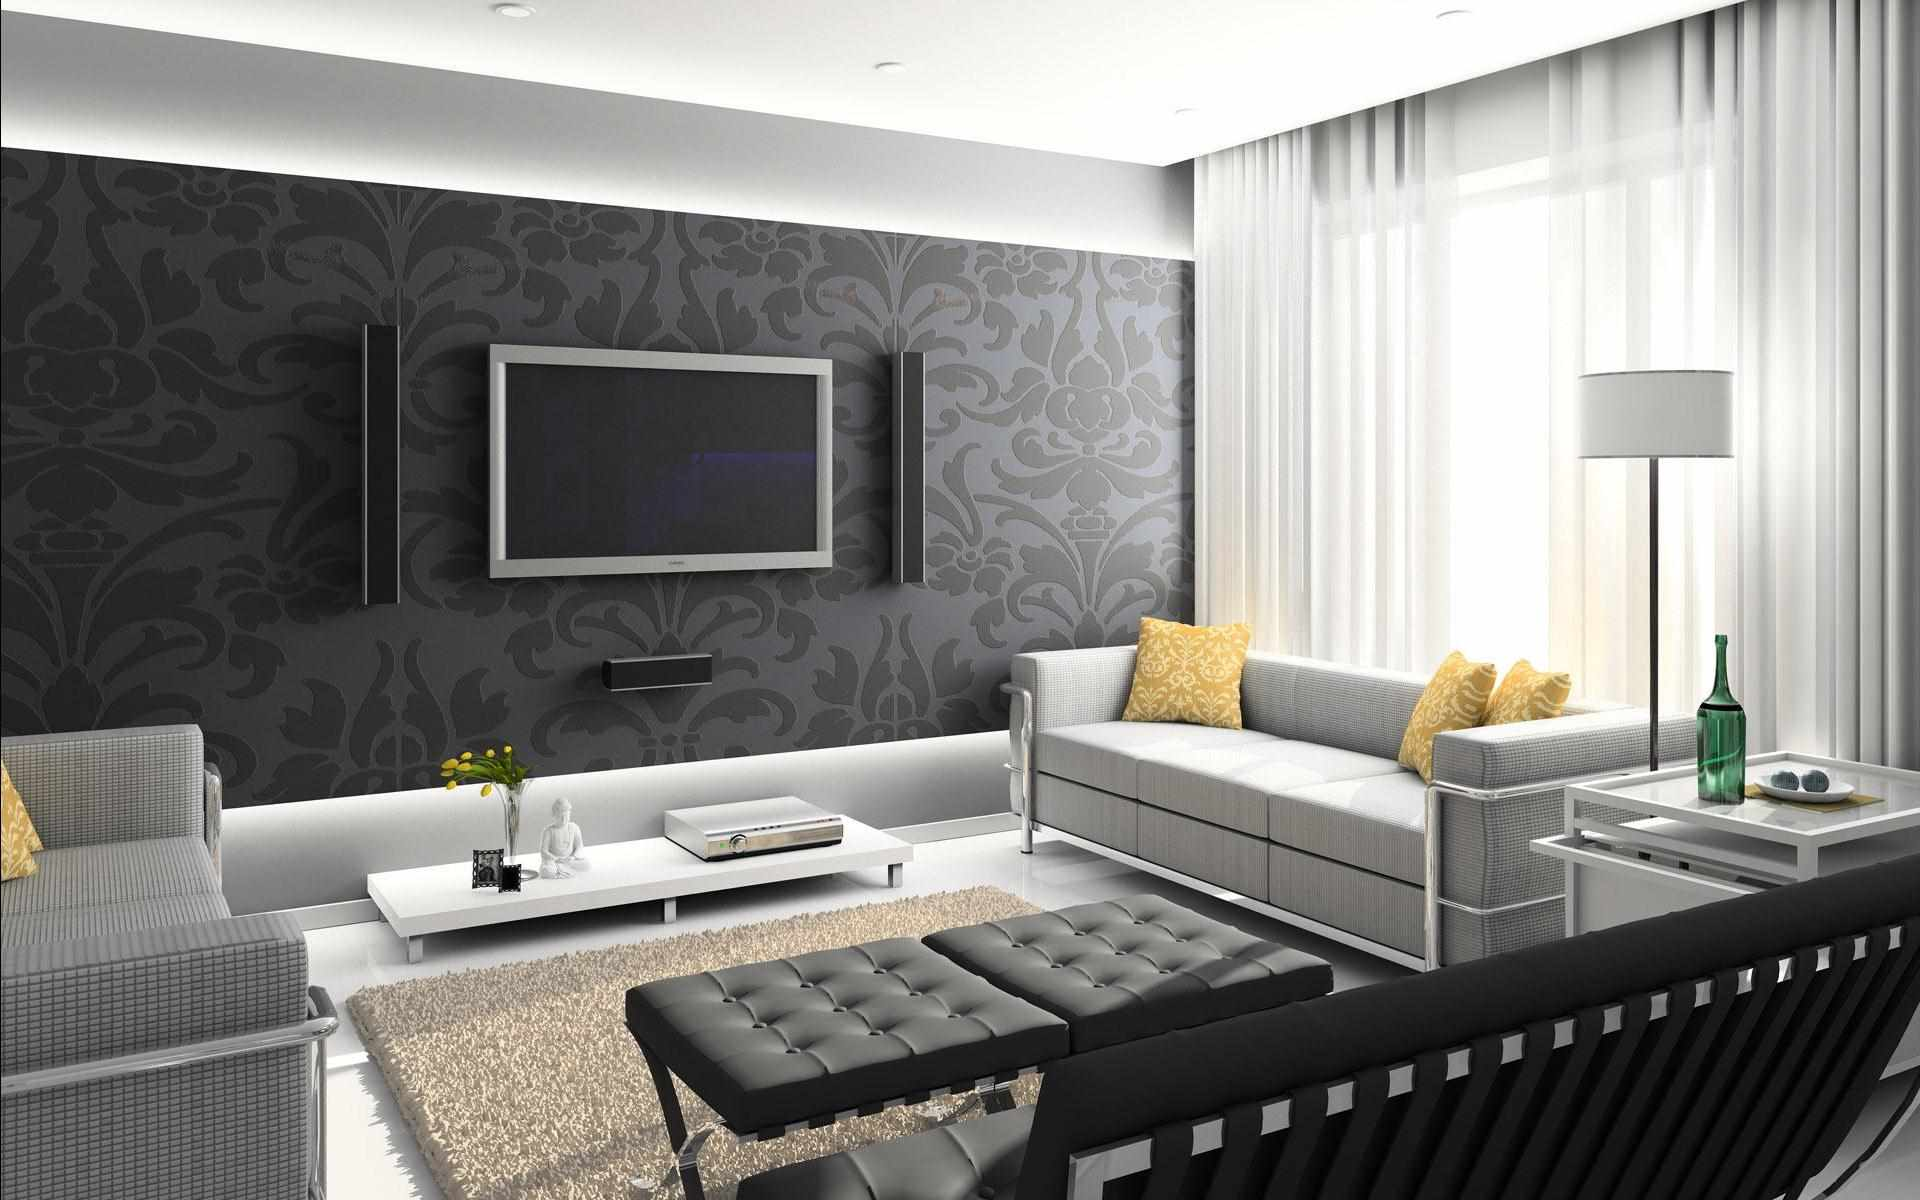 biến thể của một phong cách đẹp của giấy dán tường cho phòng khách